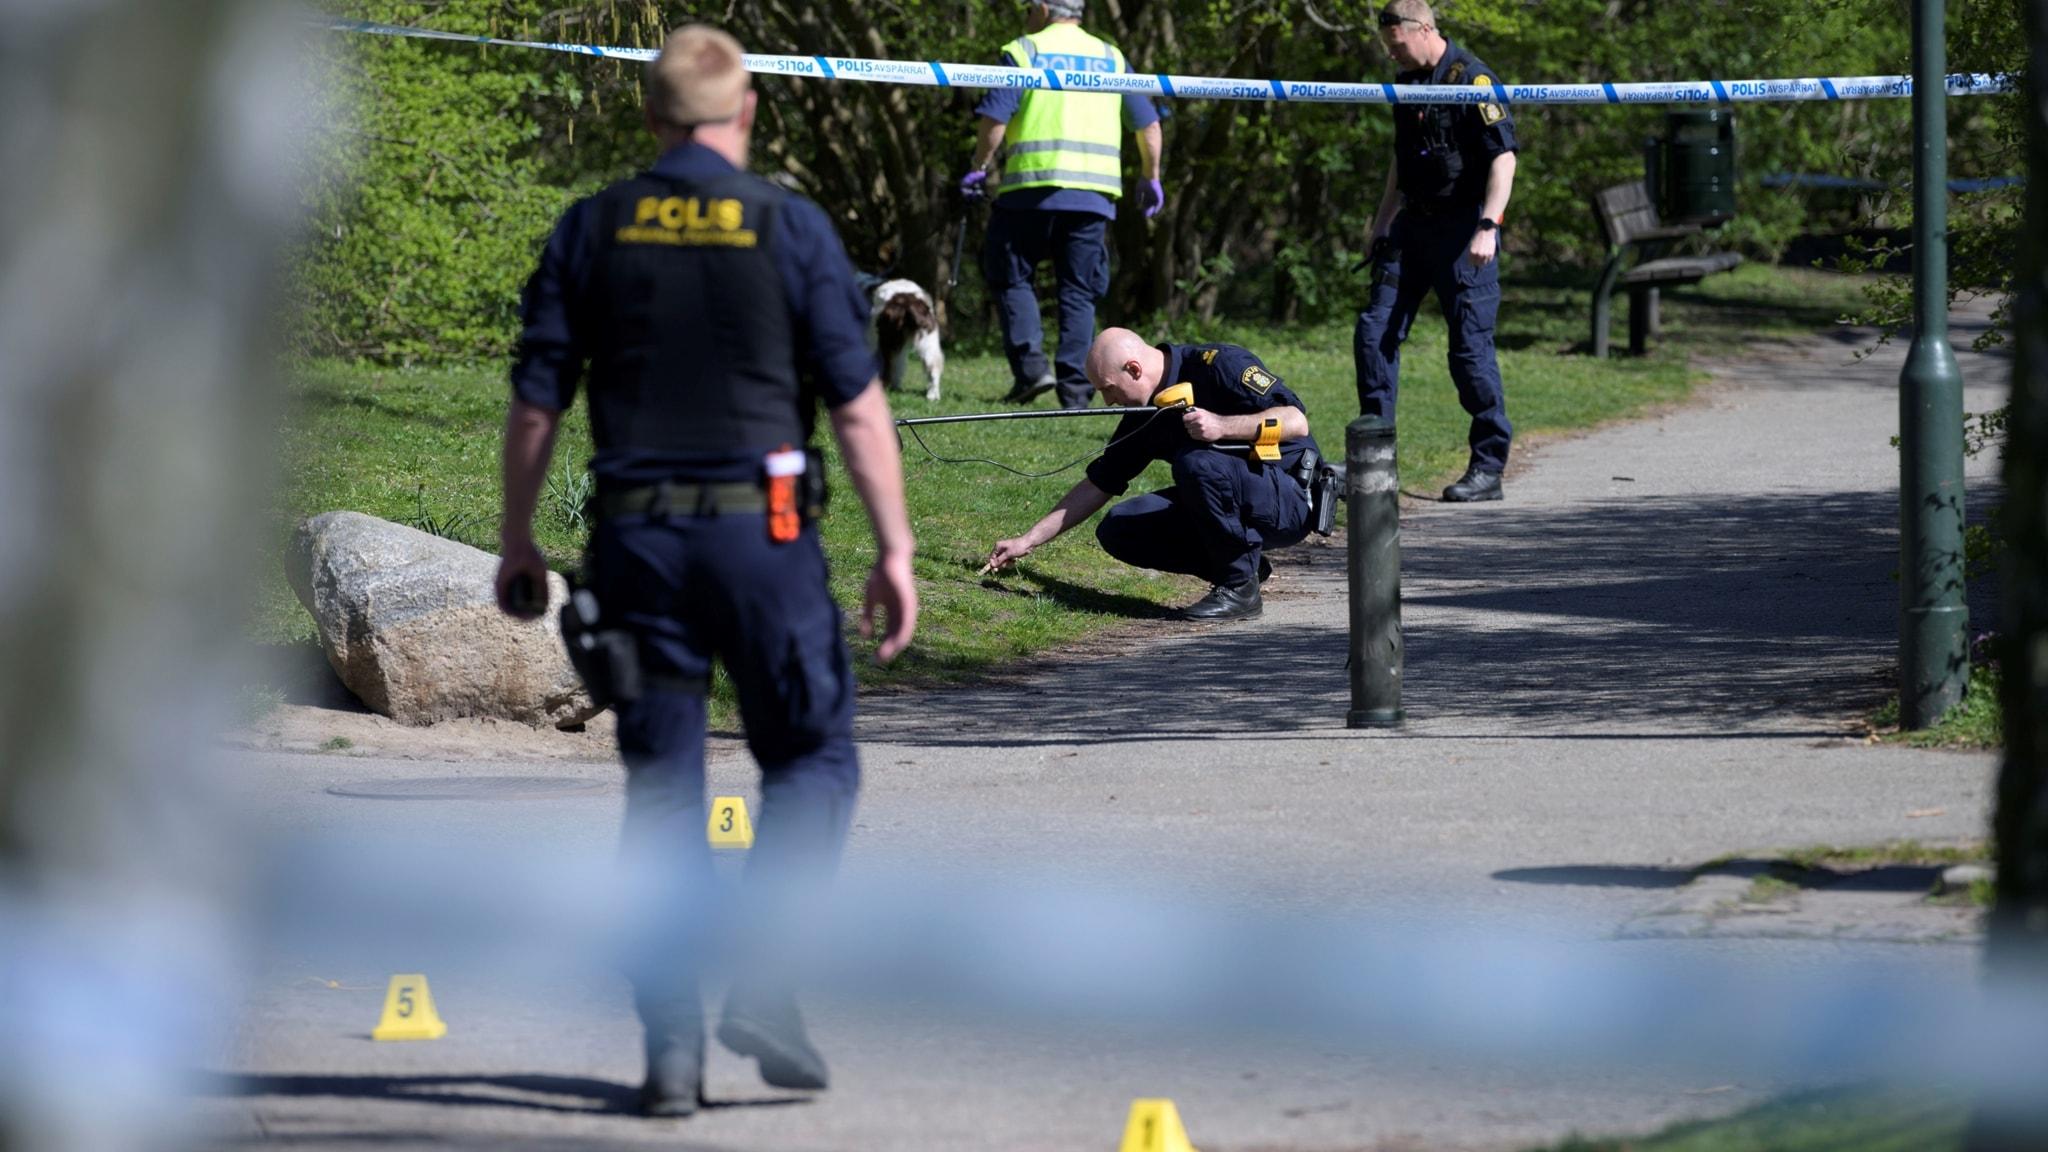 77e4d6dc9014 Knivbeväpnad man skjuten i benet av polis - P4 Malmöhus | Sveriges Radio